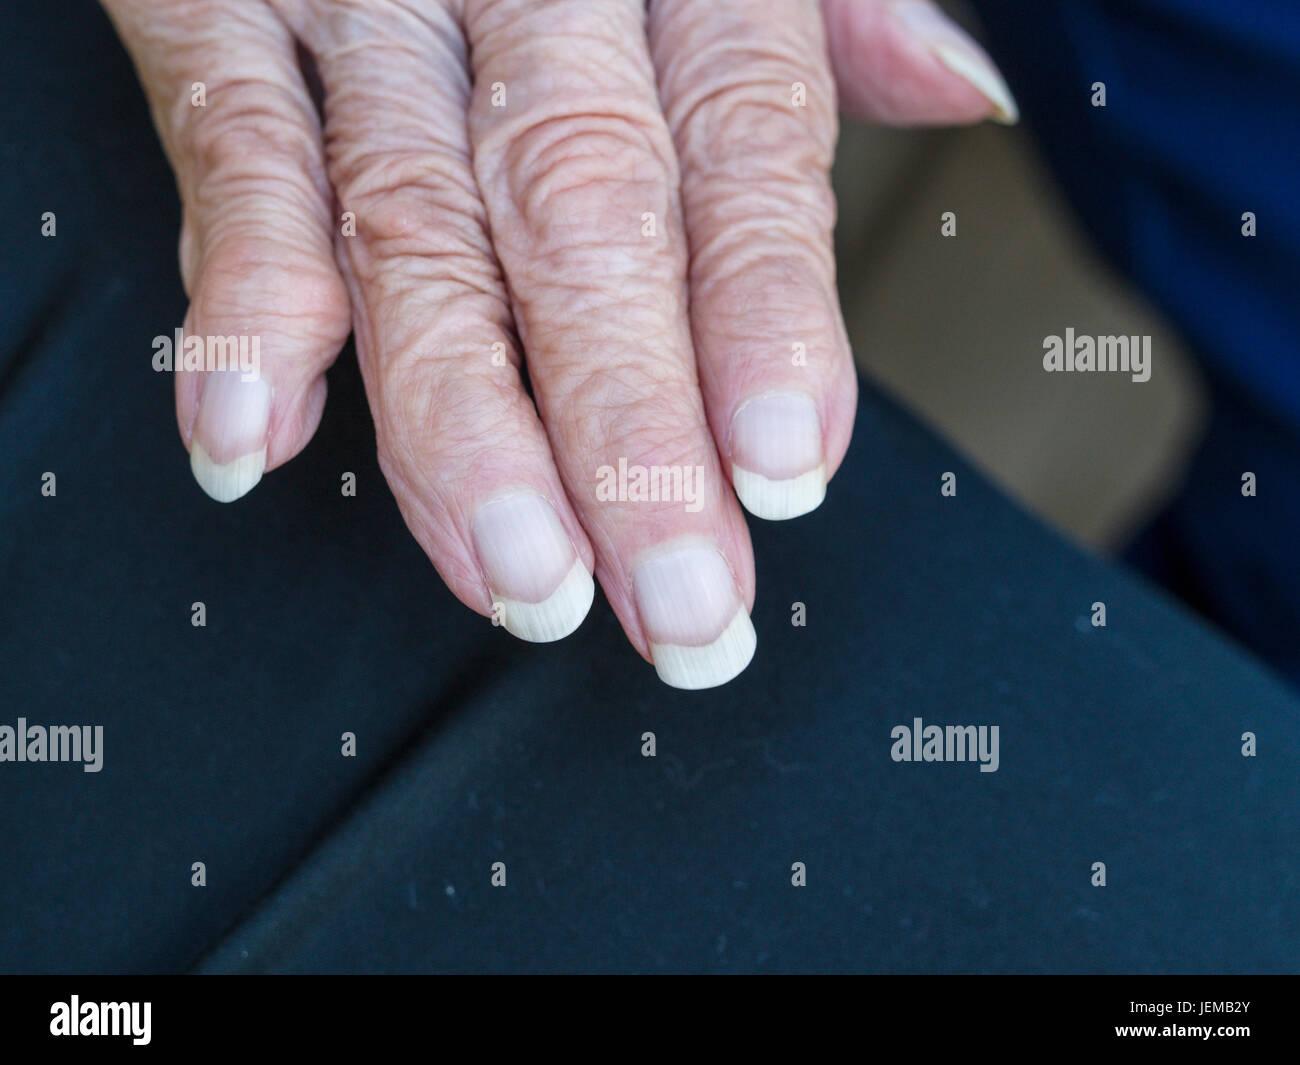 Arthritischen faltige Hand eine ältere Frau: die Rechte Hand mit langen Nägeln und deformierte Finger Stockbild